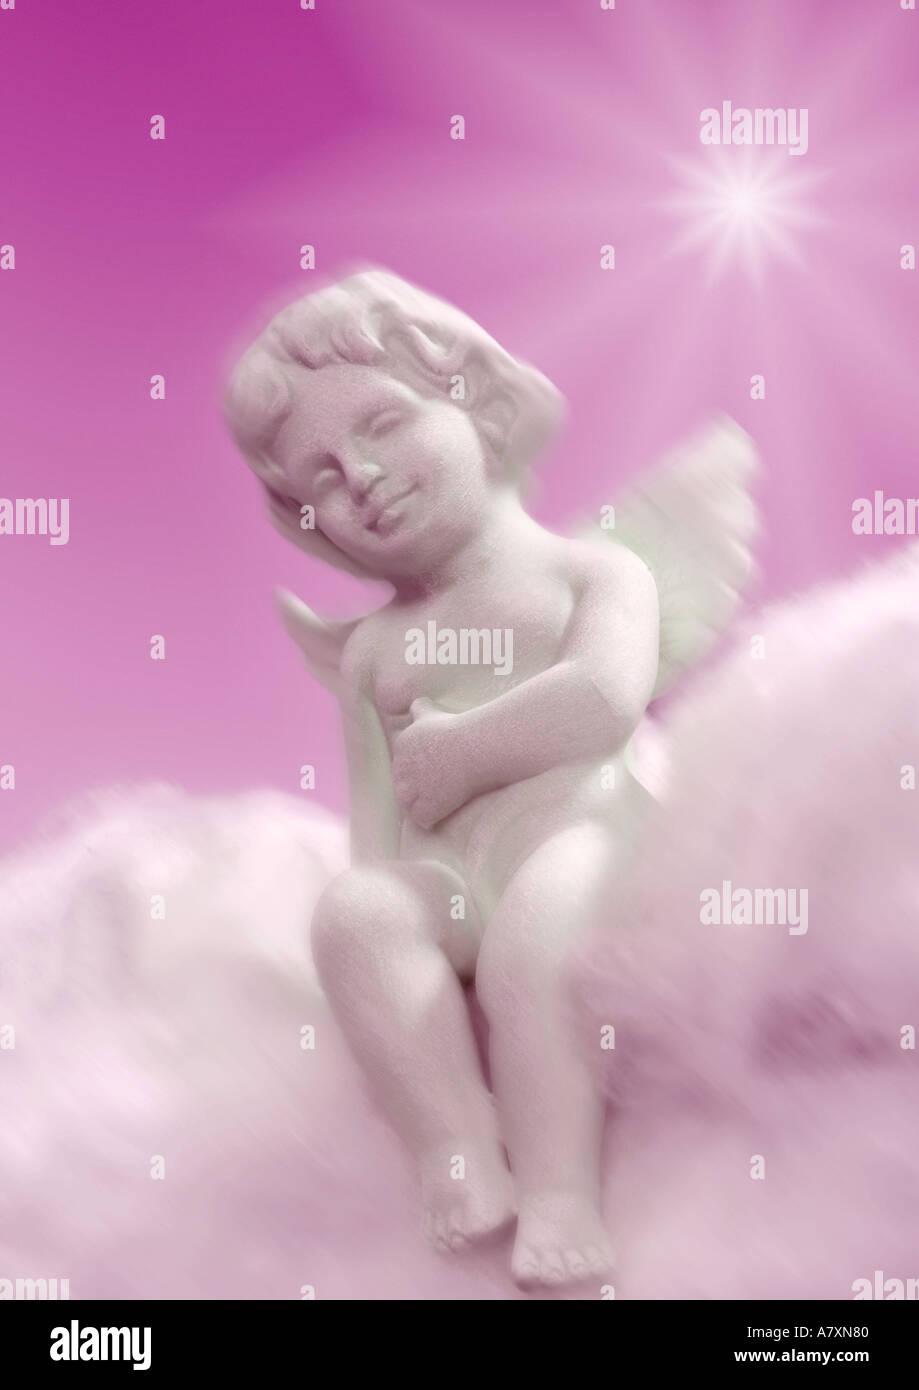 Engel Engel Putte Stockbild